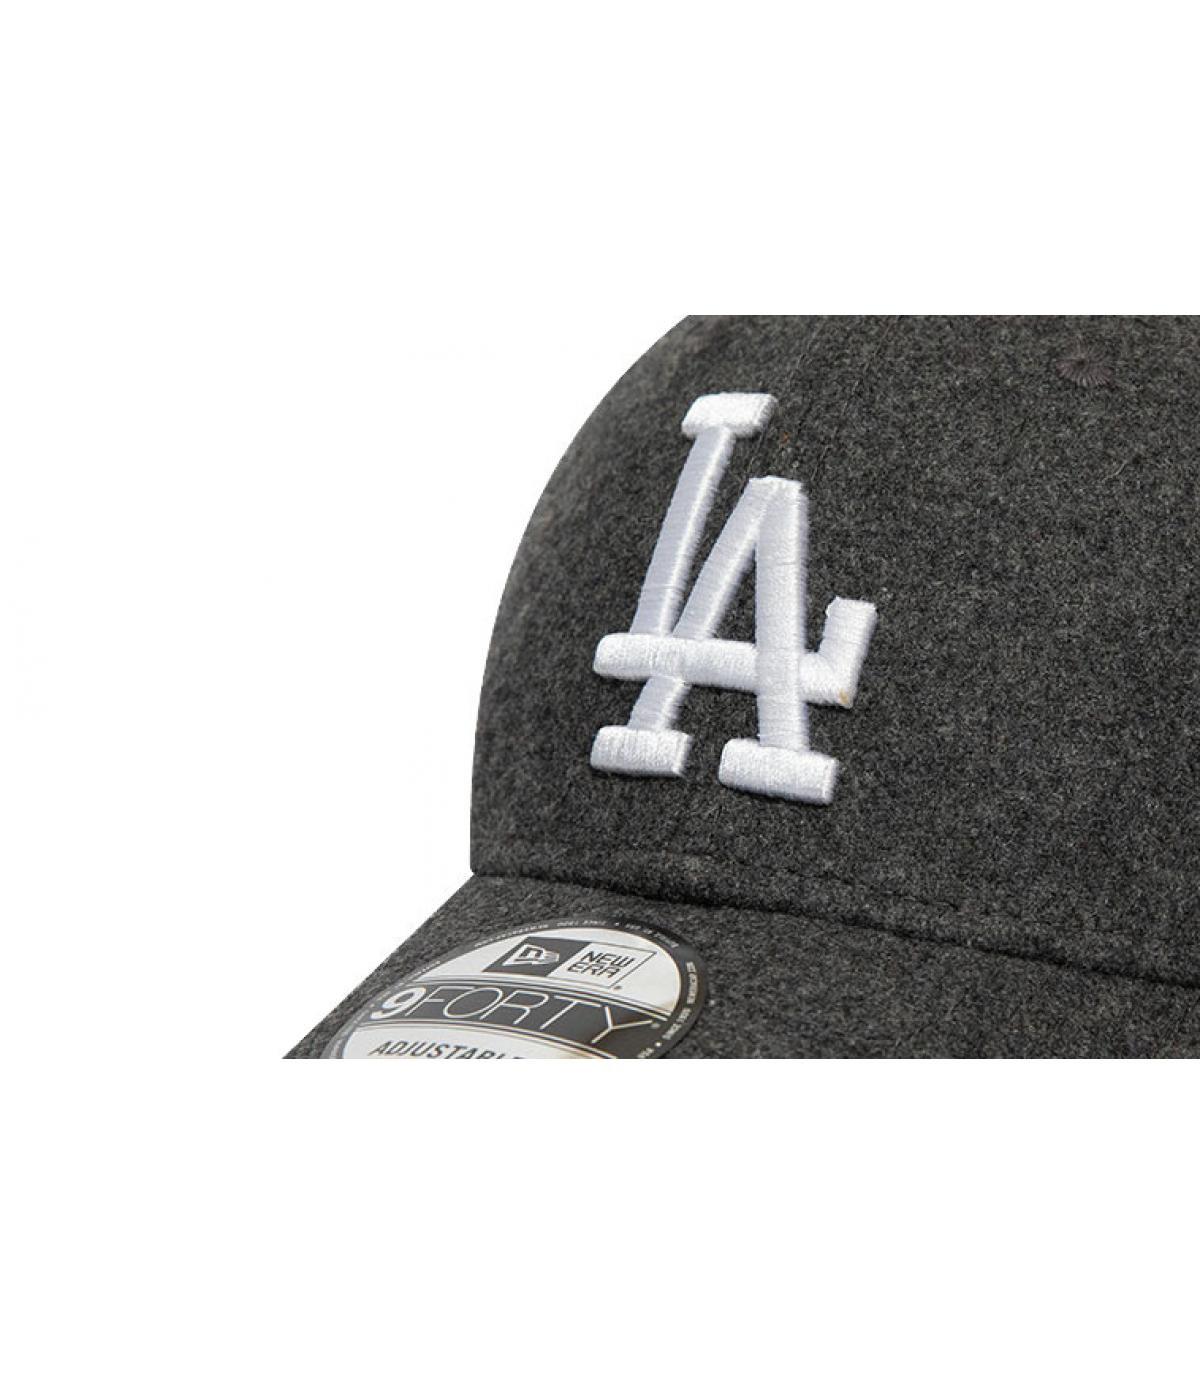 Details MLB Melton LA 940 graphite - afbeeling 3